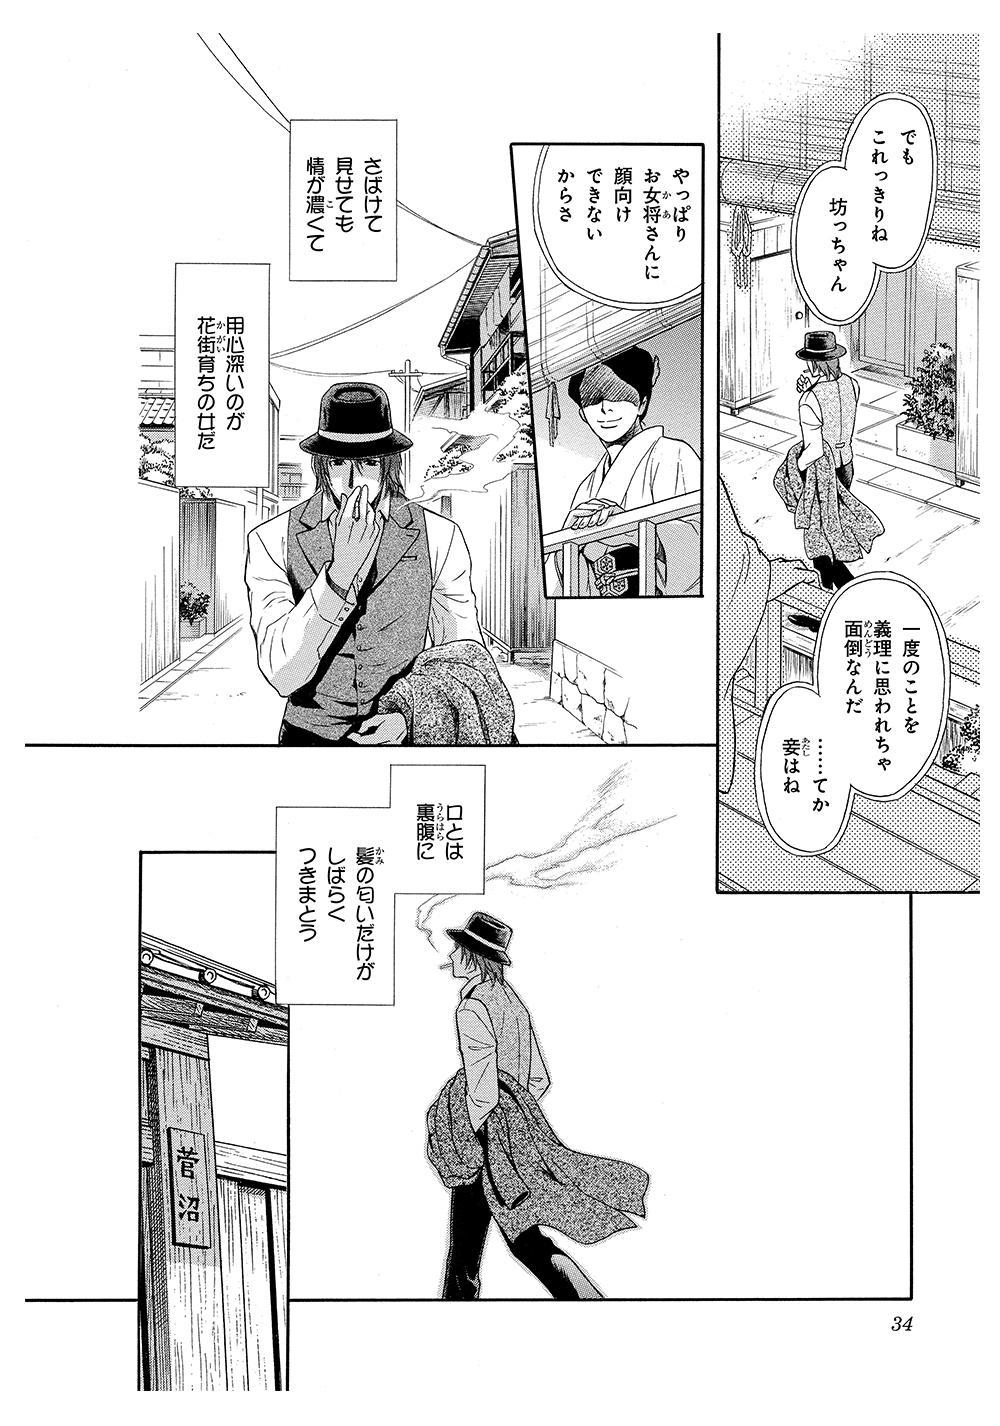 鵼の絵師 第2話「おきみやげ」①nue03-04.jpg